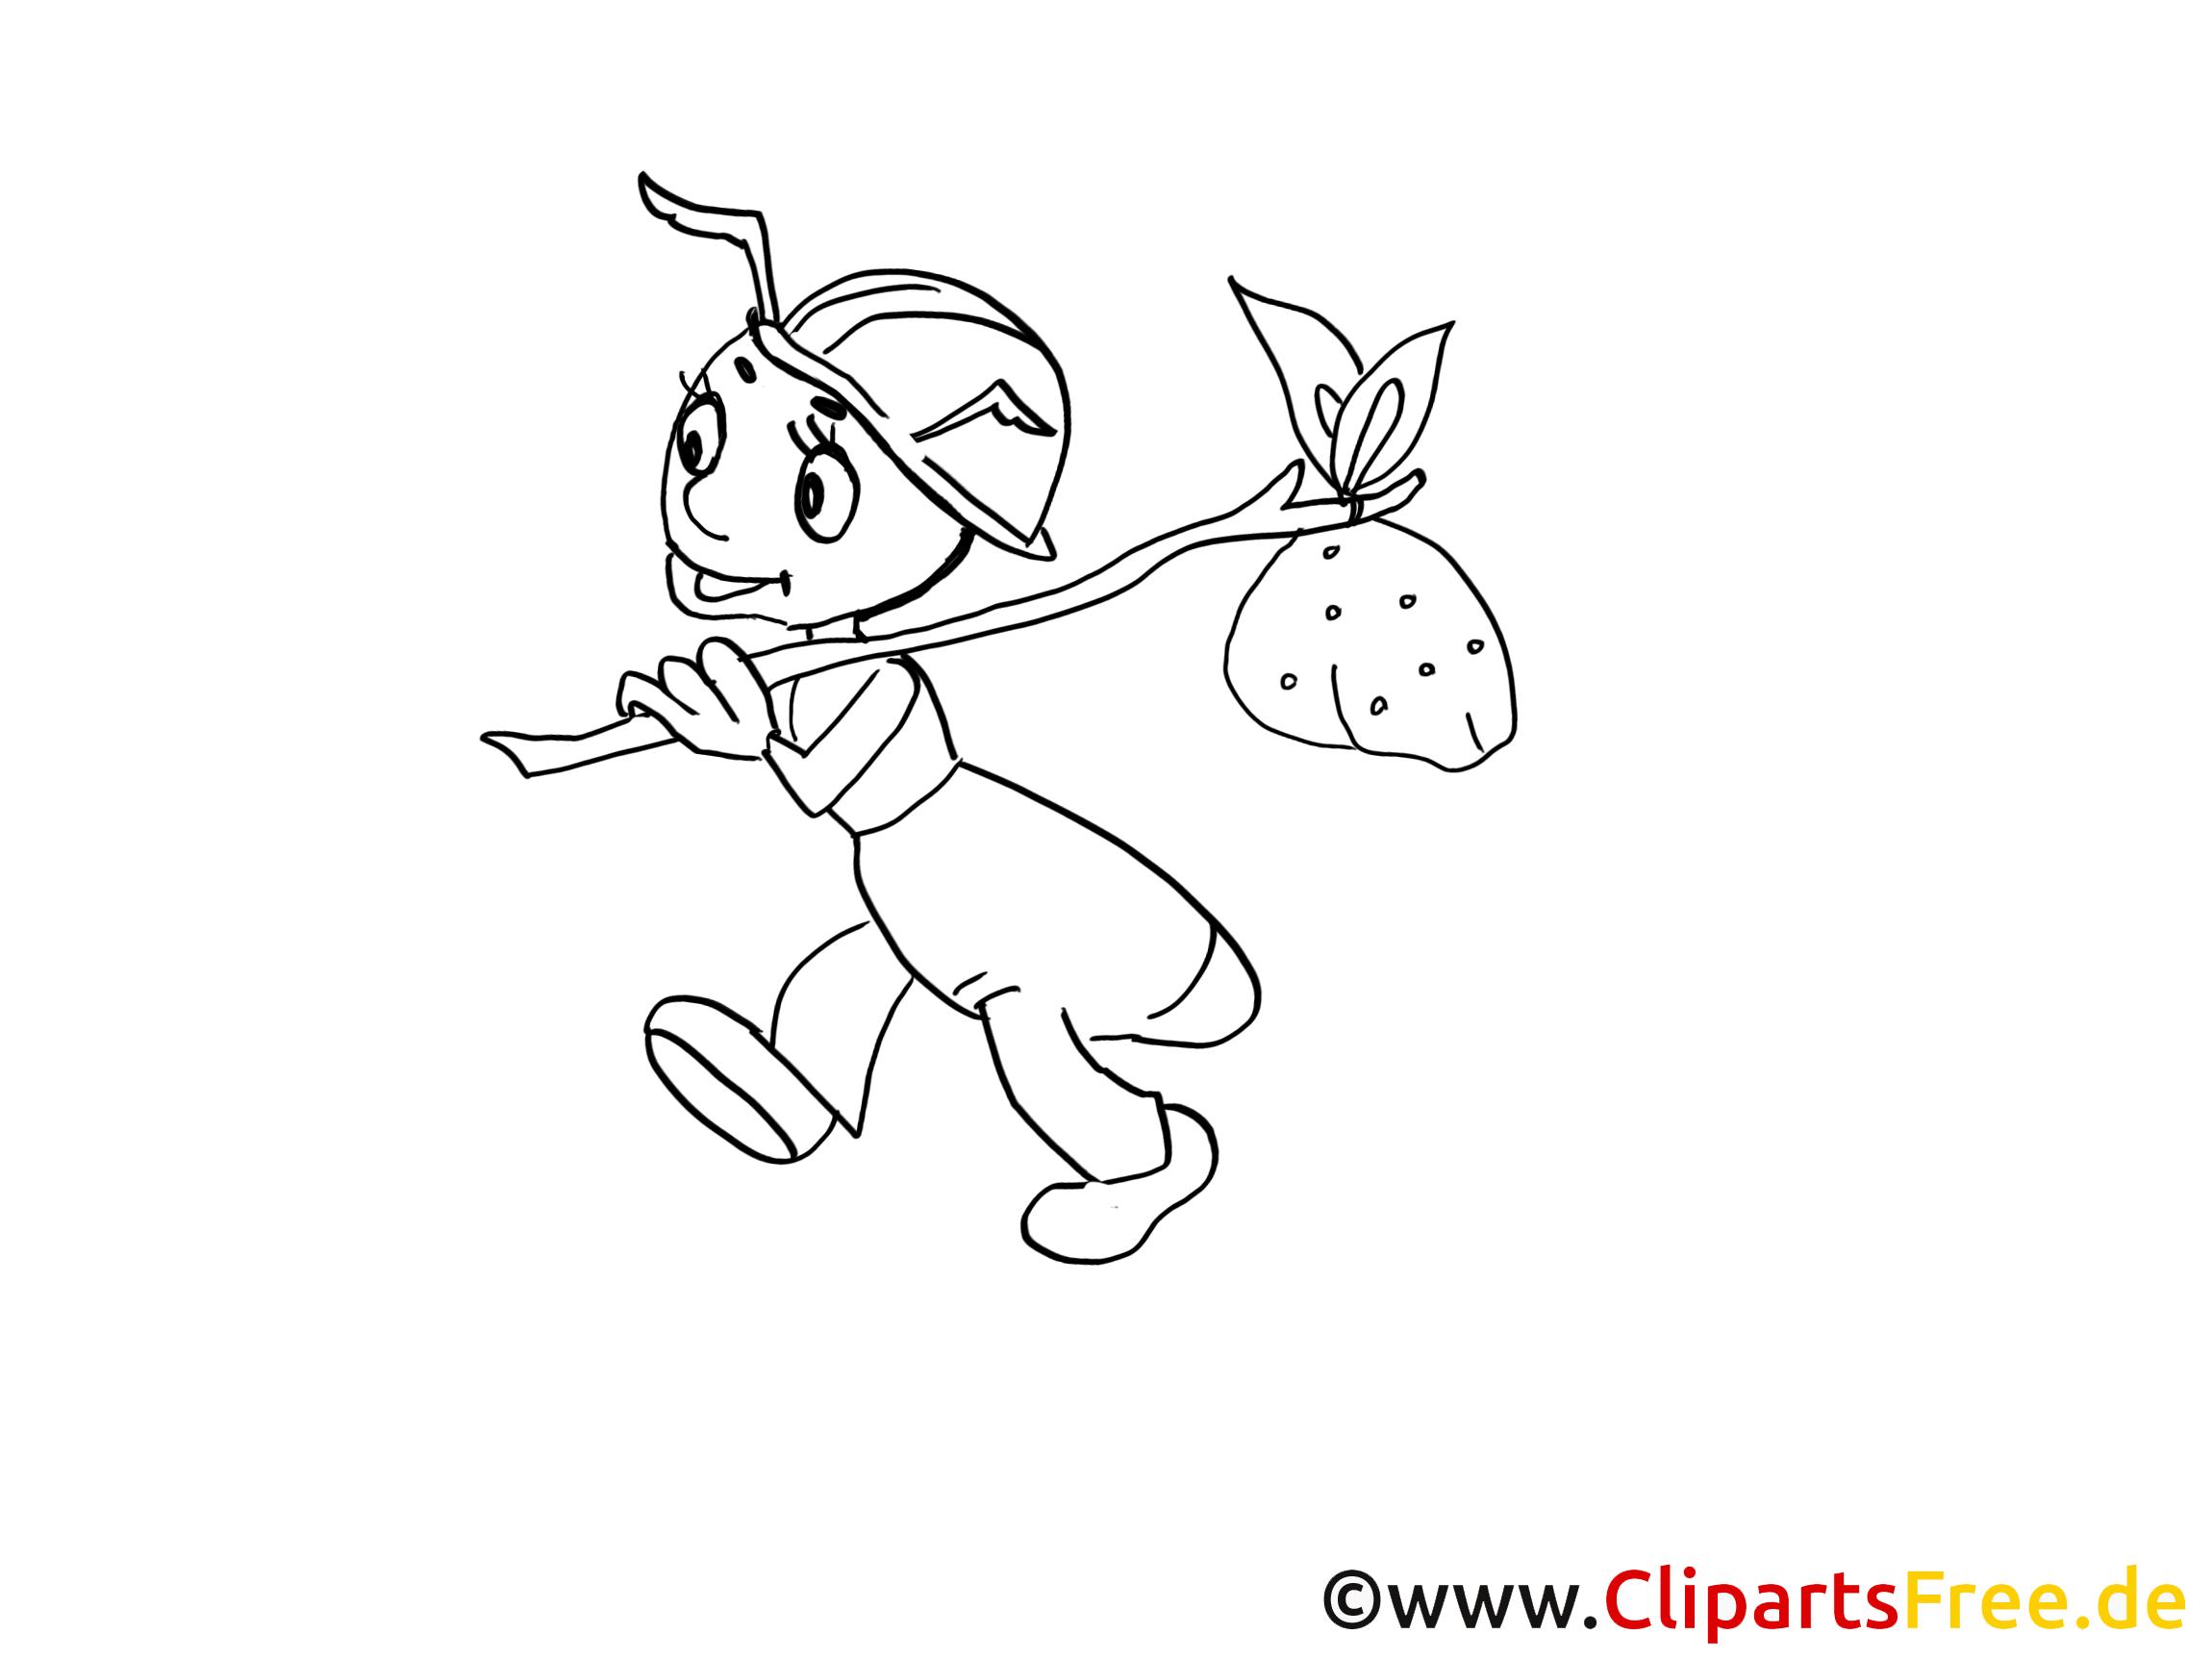 Ausmalbilder Ameise